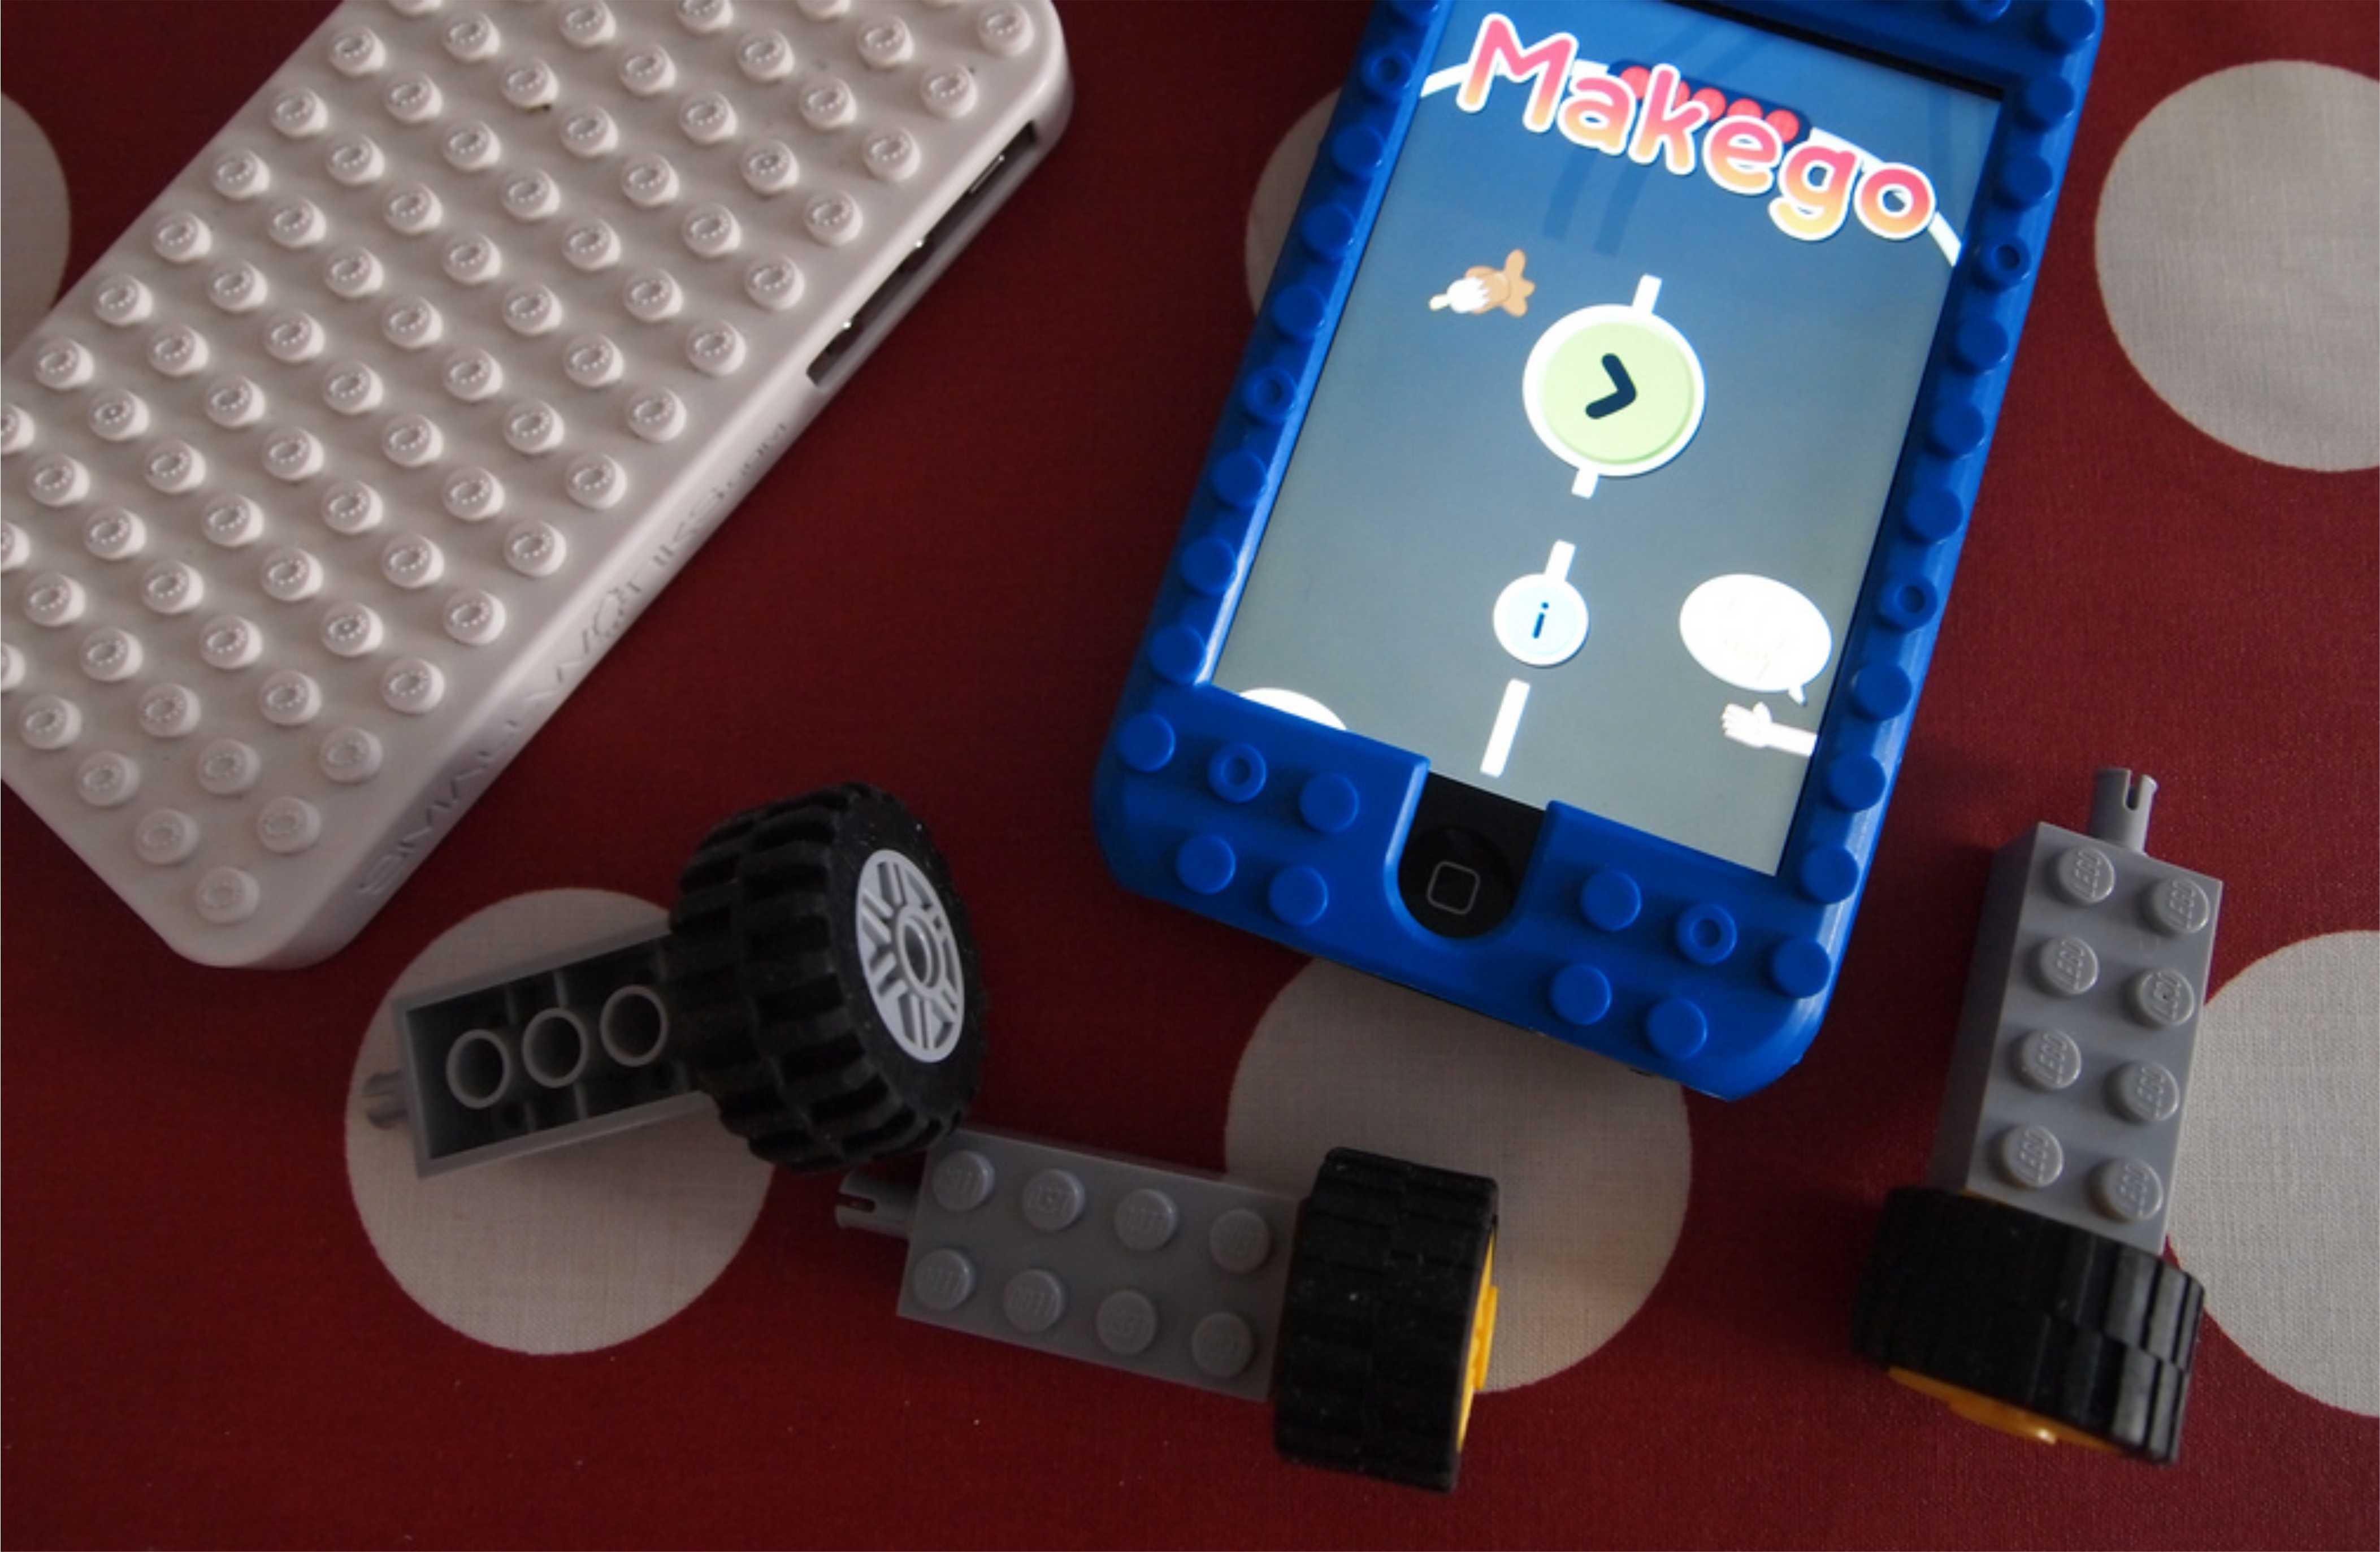 MakeGo trasforma l'iPhone in un veicolo giocattolo [Video]